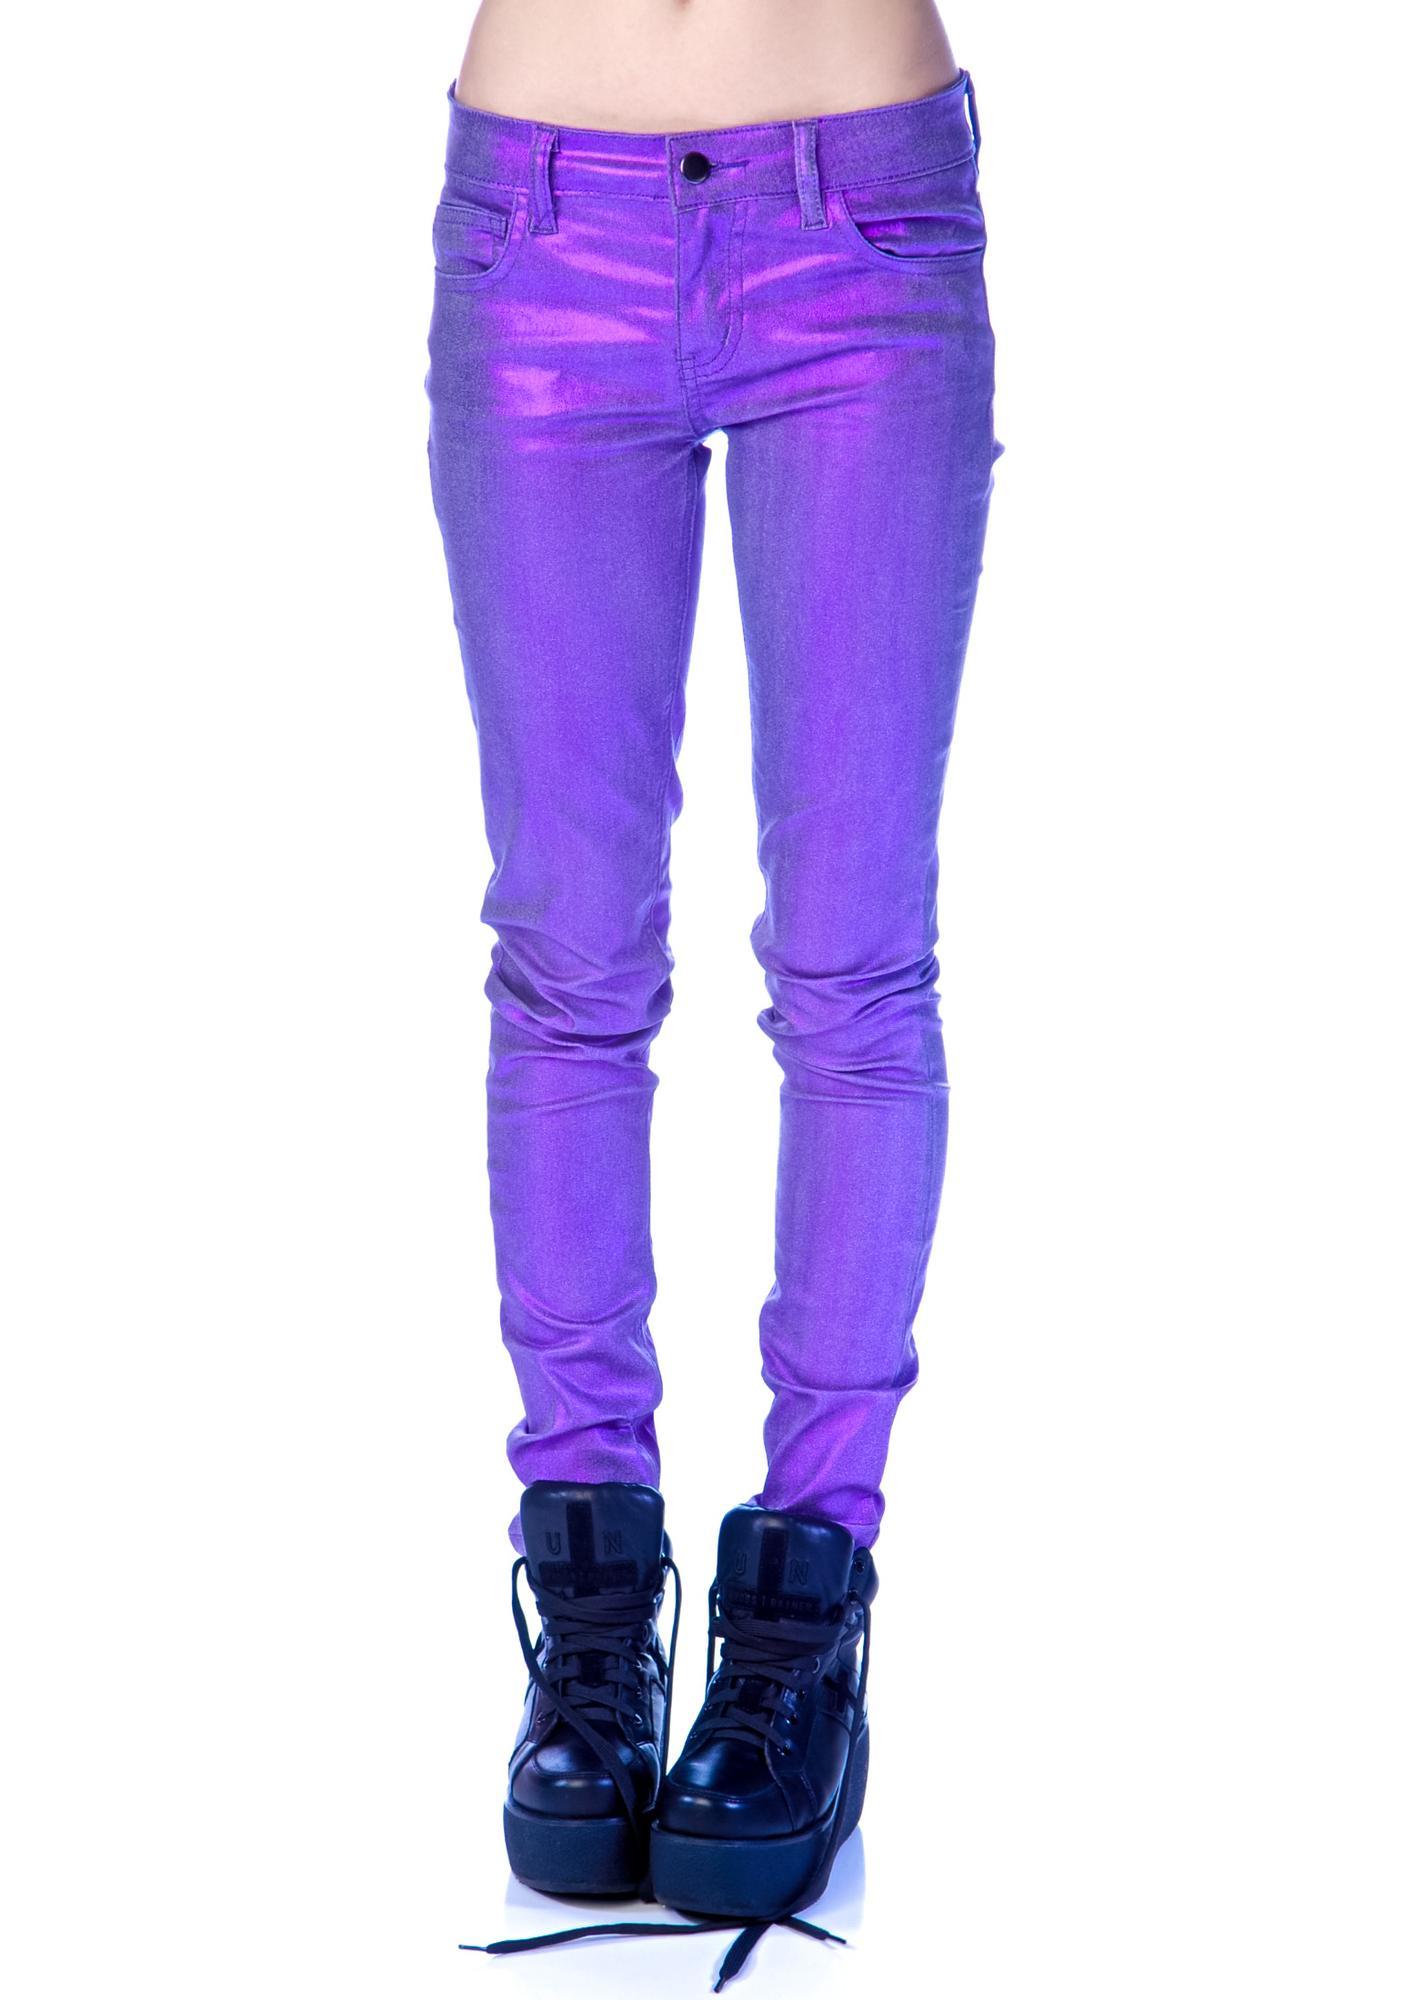 Lip Service Shimmer Stretch Skinny Jeans